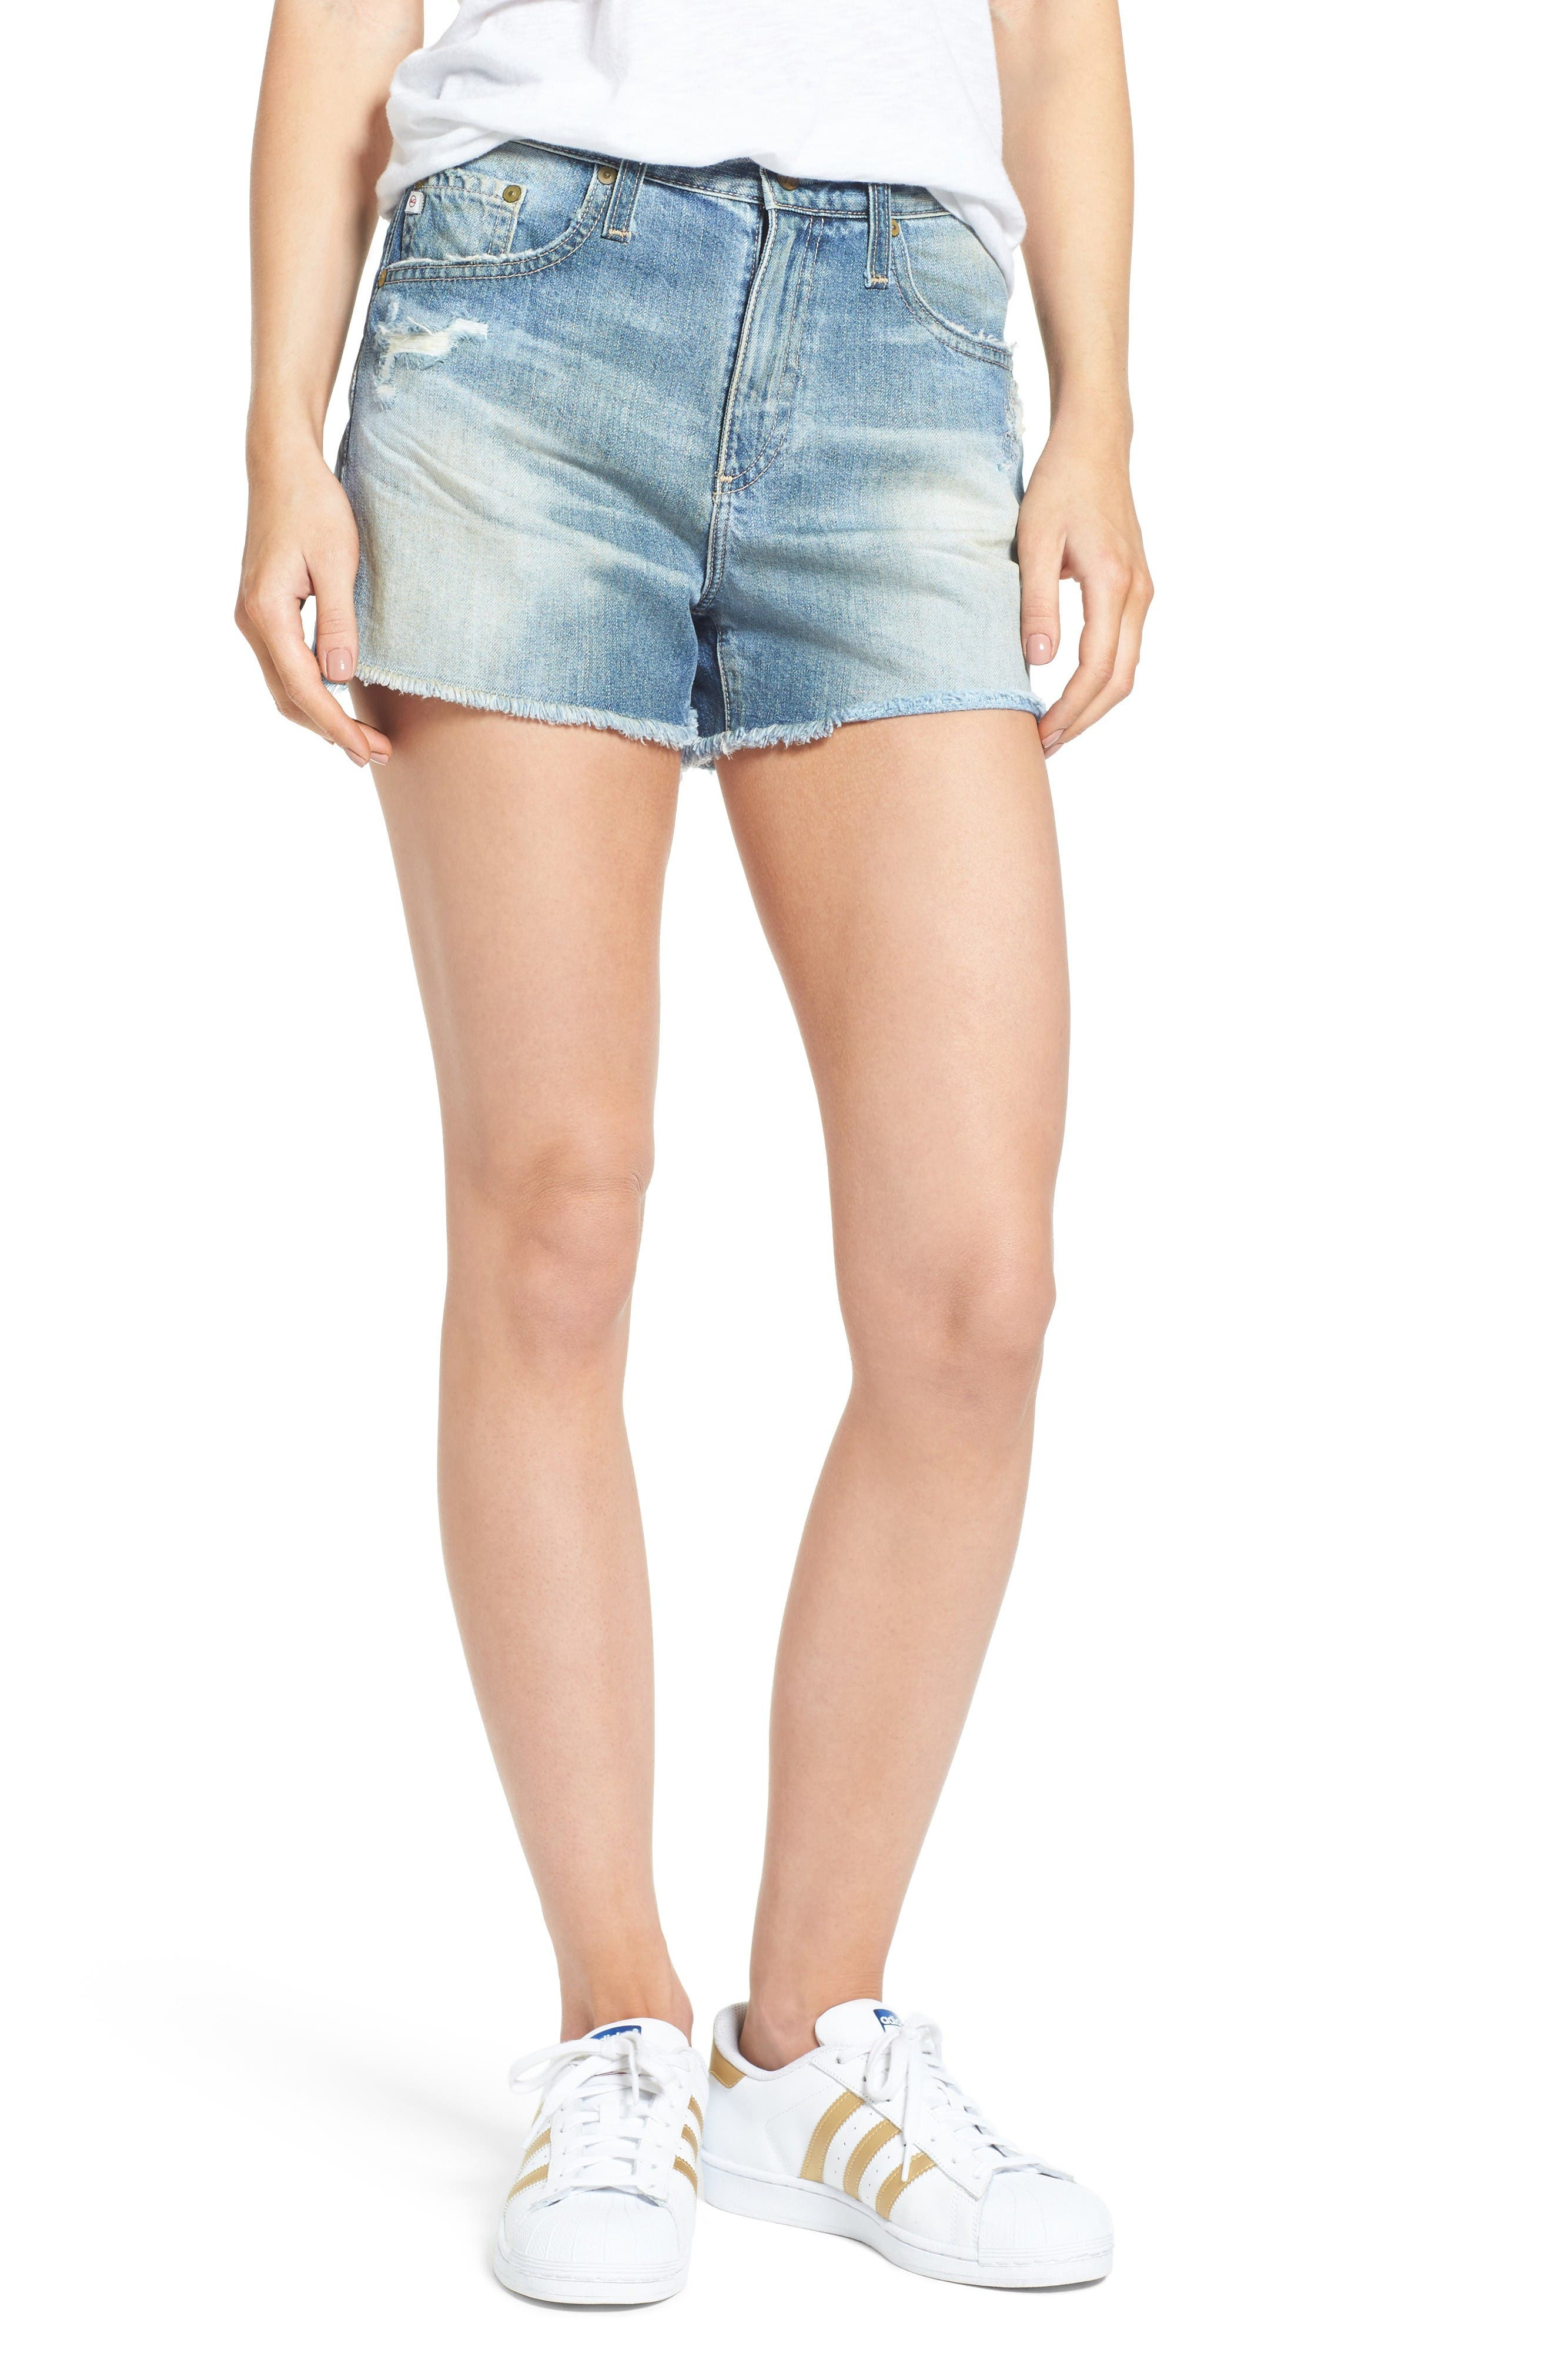 AG Sadie High Waist Cutoff Denim Shorts (17 Years Lapse Mended)